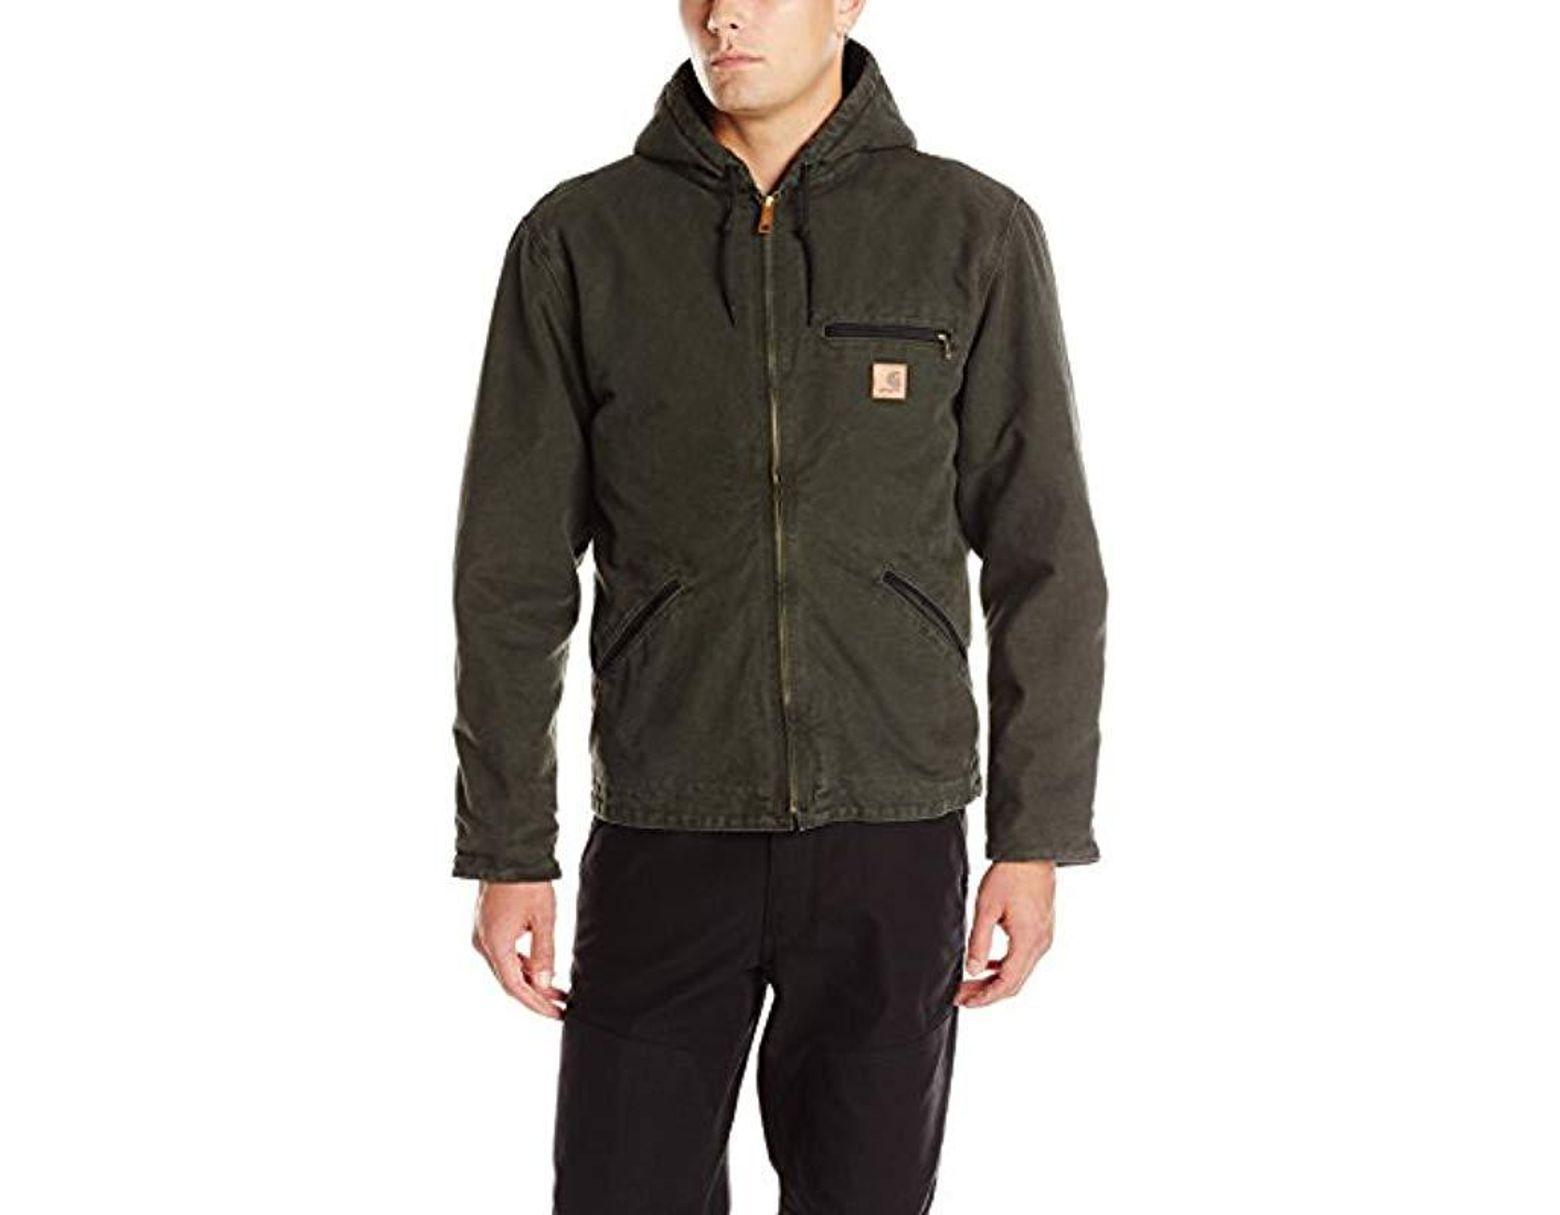 f2a974d8cc040 Men's Sherpa Lined Sandstone Sierra Jacket